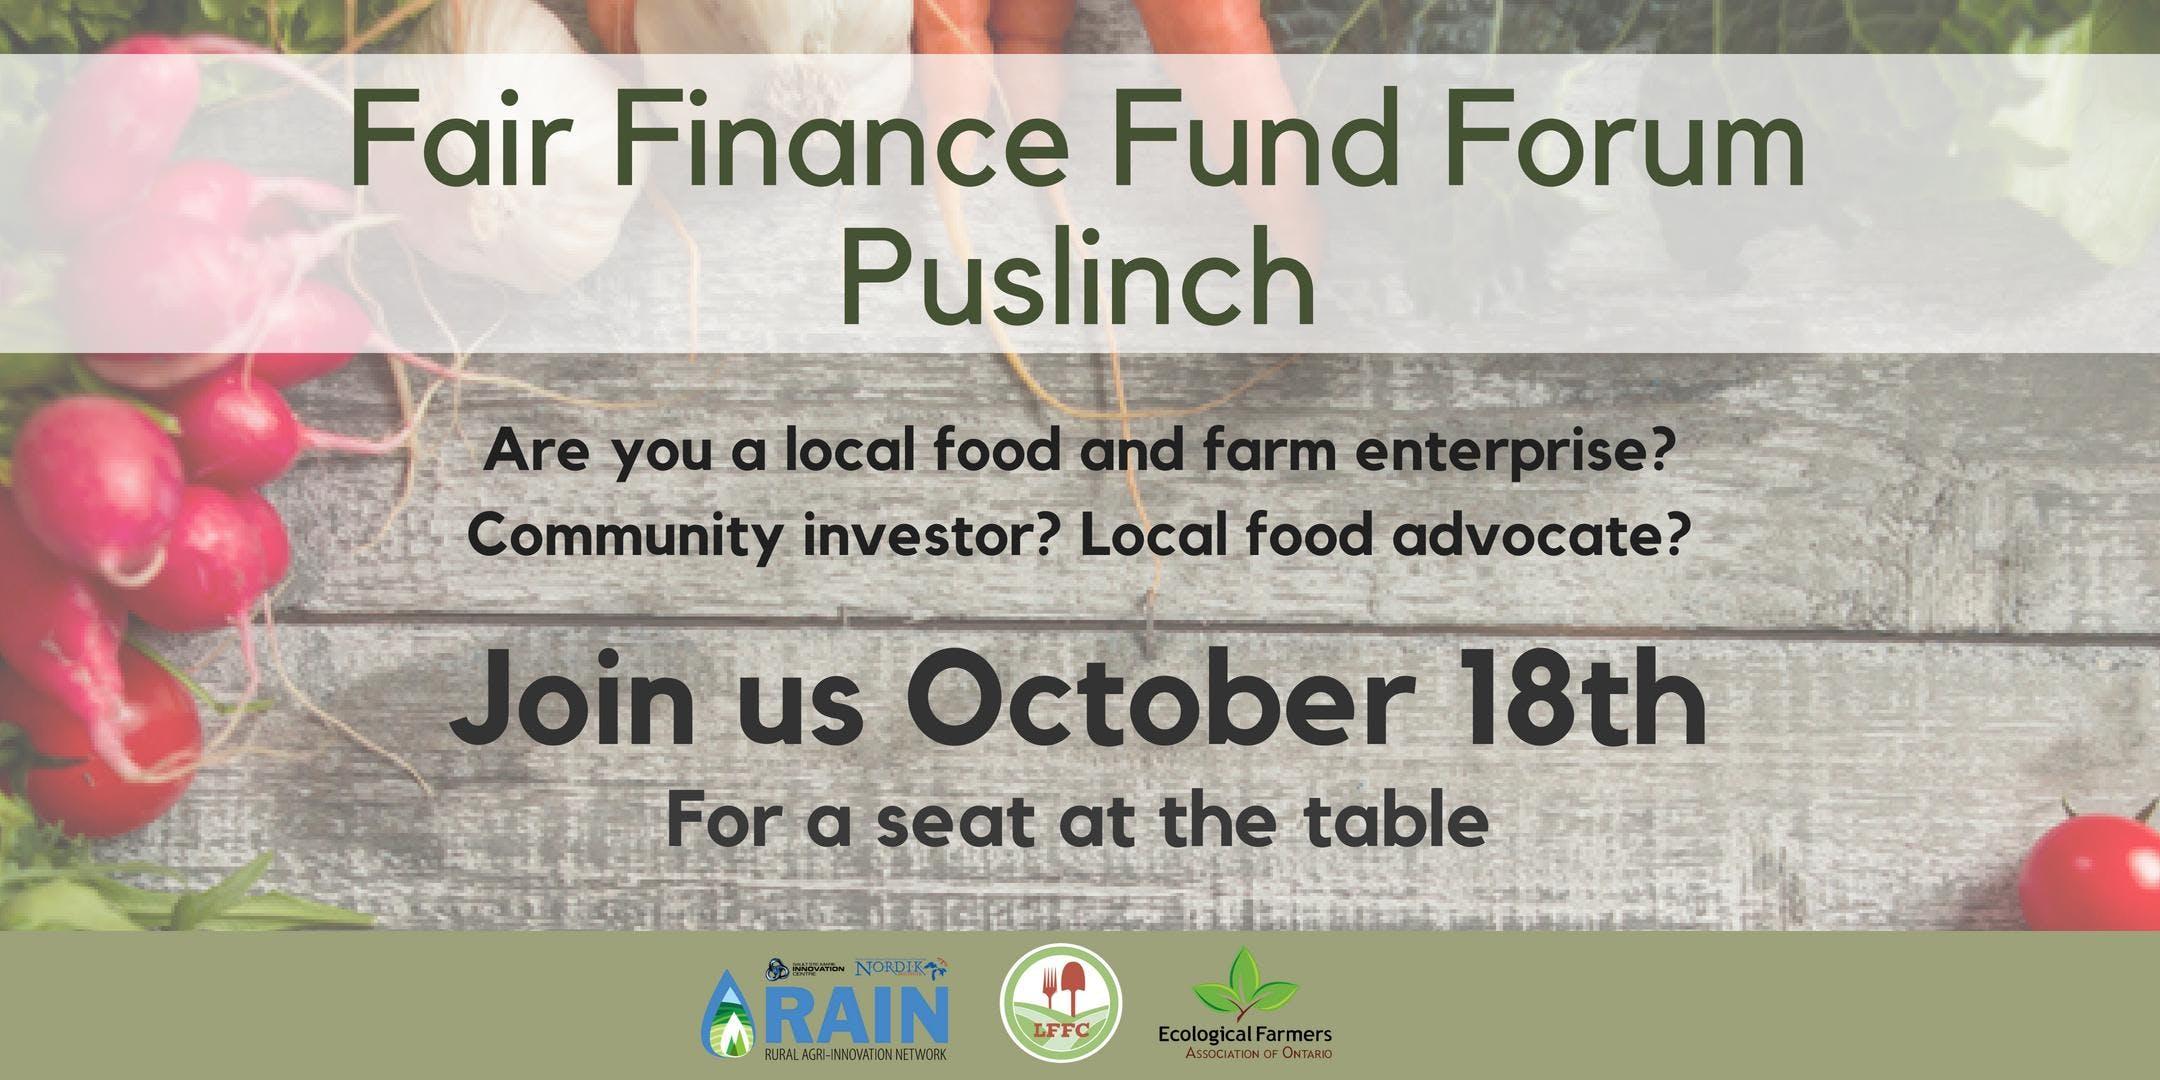 Fair Finance Fund Forum: Puslinch